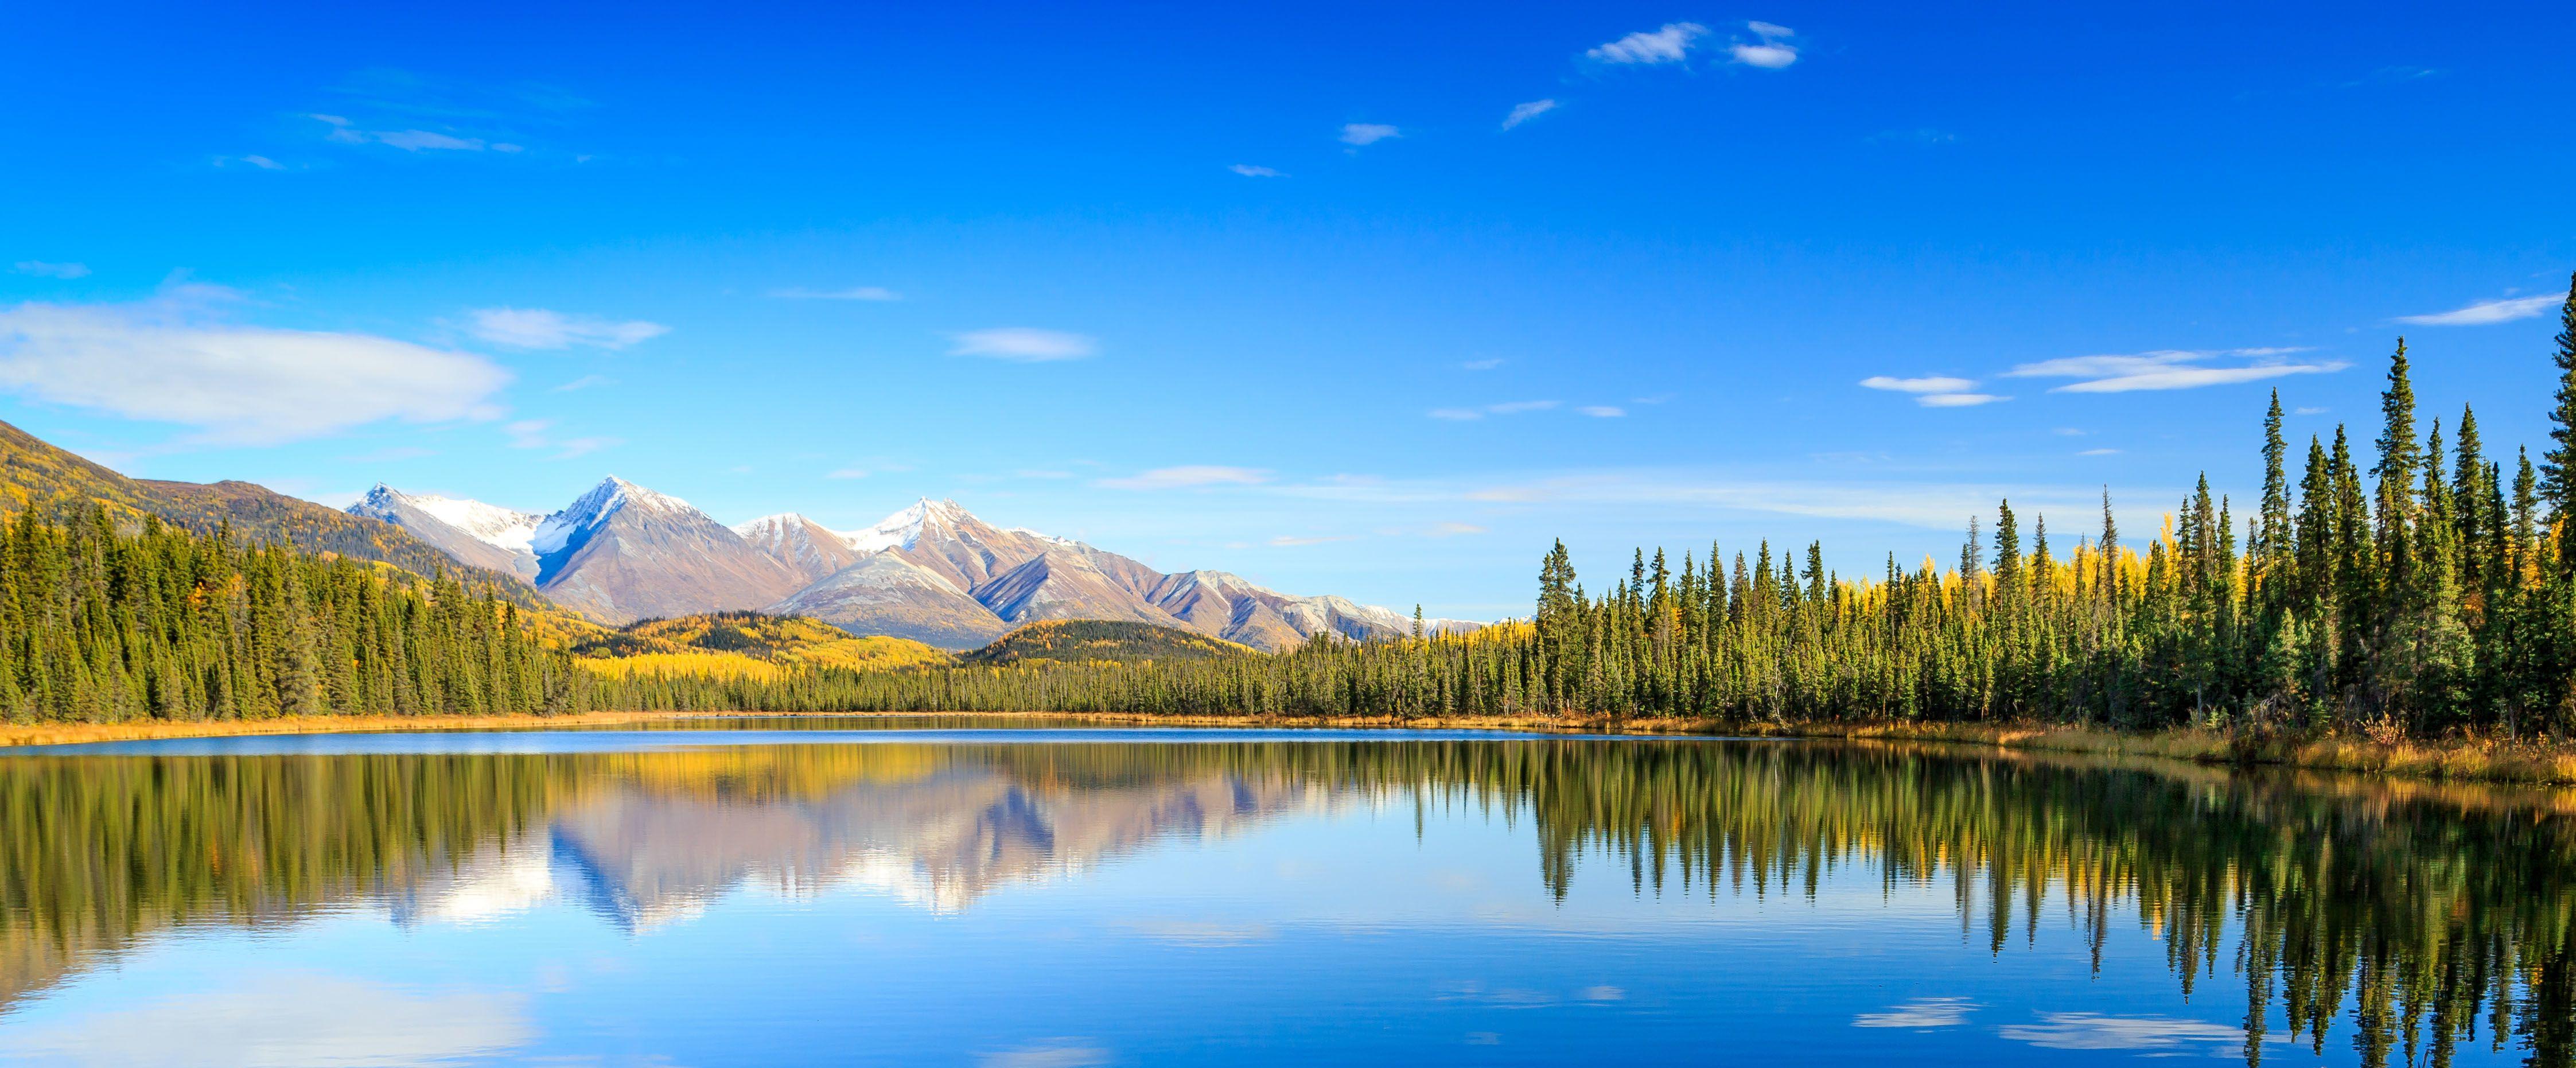 Herbststimmung im Wrangell-St. Elias National Park, Alaska